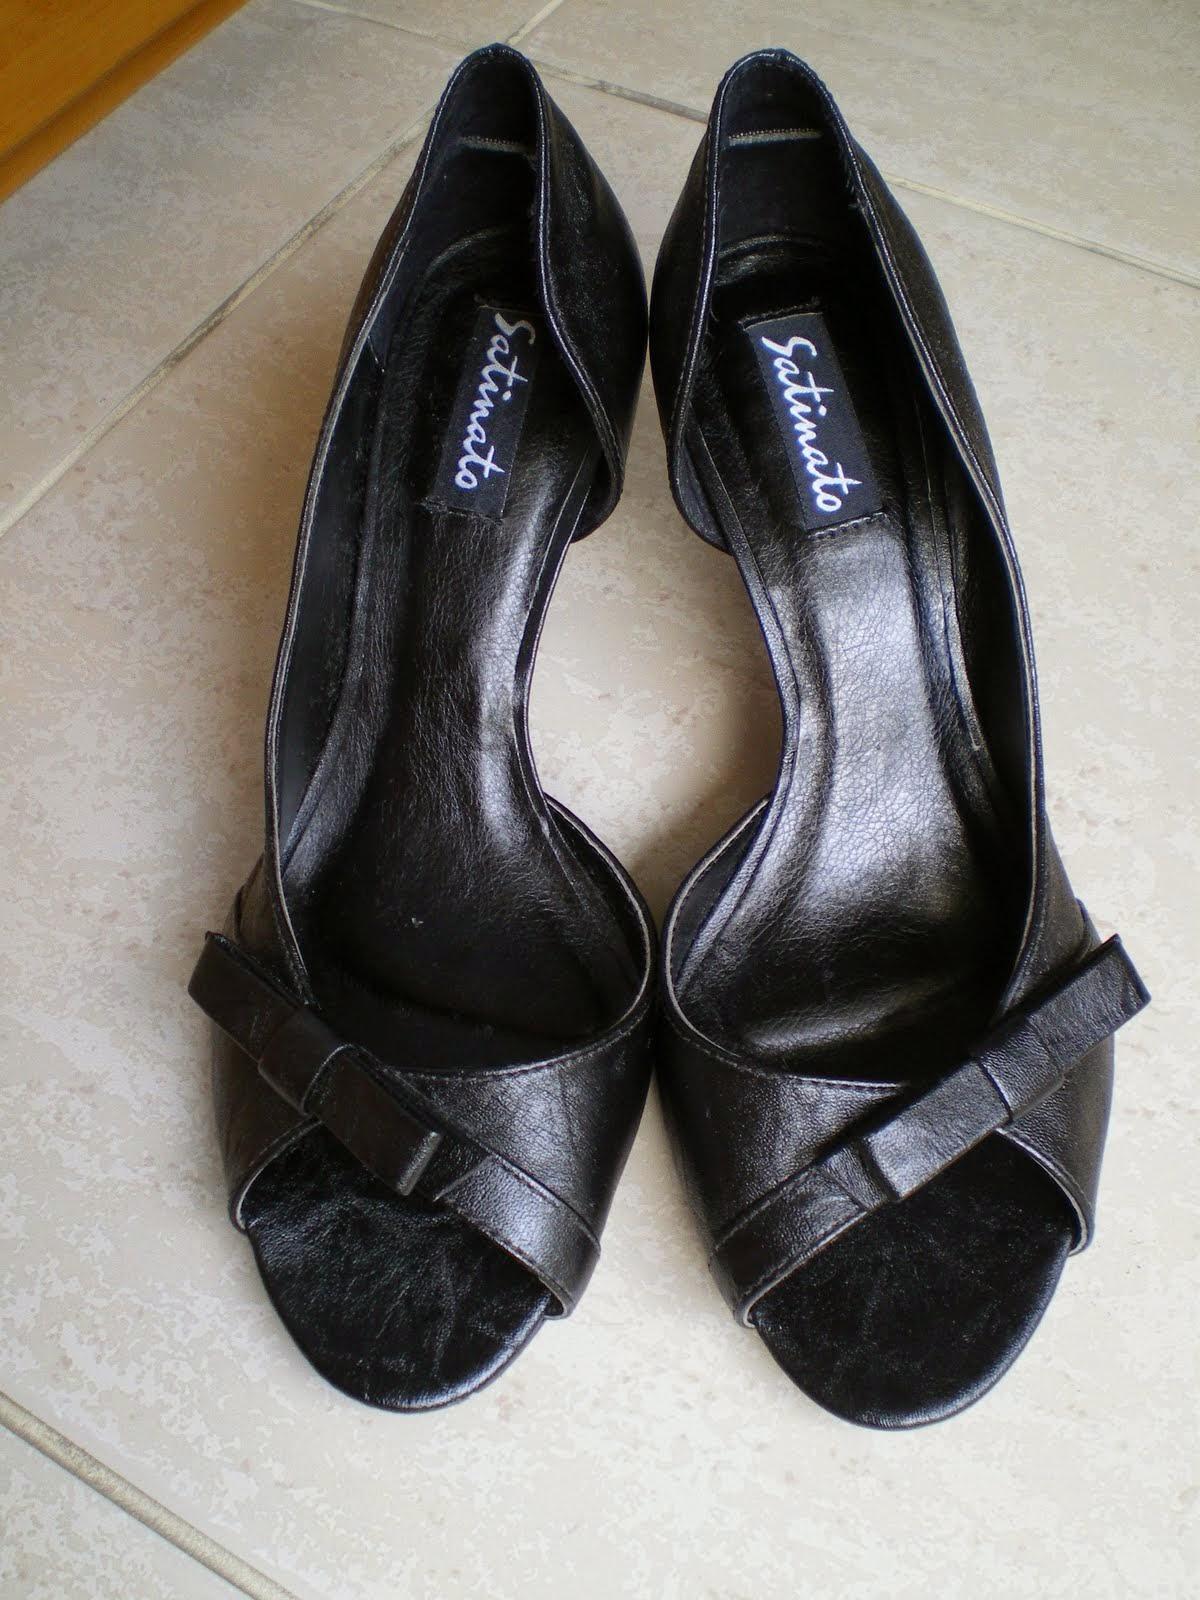 cb58a9baa Acho essa sandália linda! Pena que não tenho esse pezinho 36, né? :)